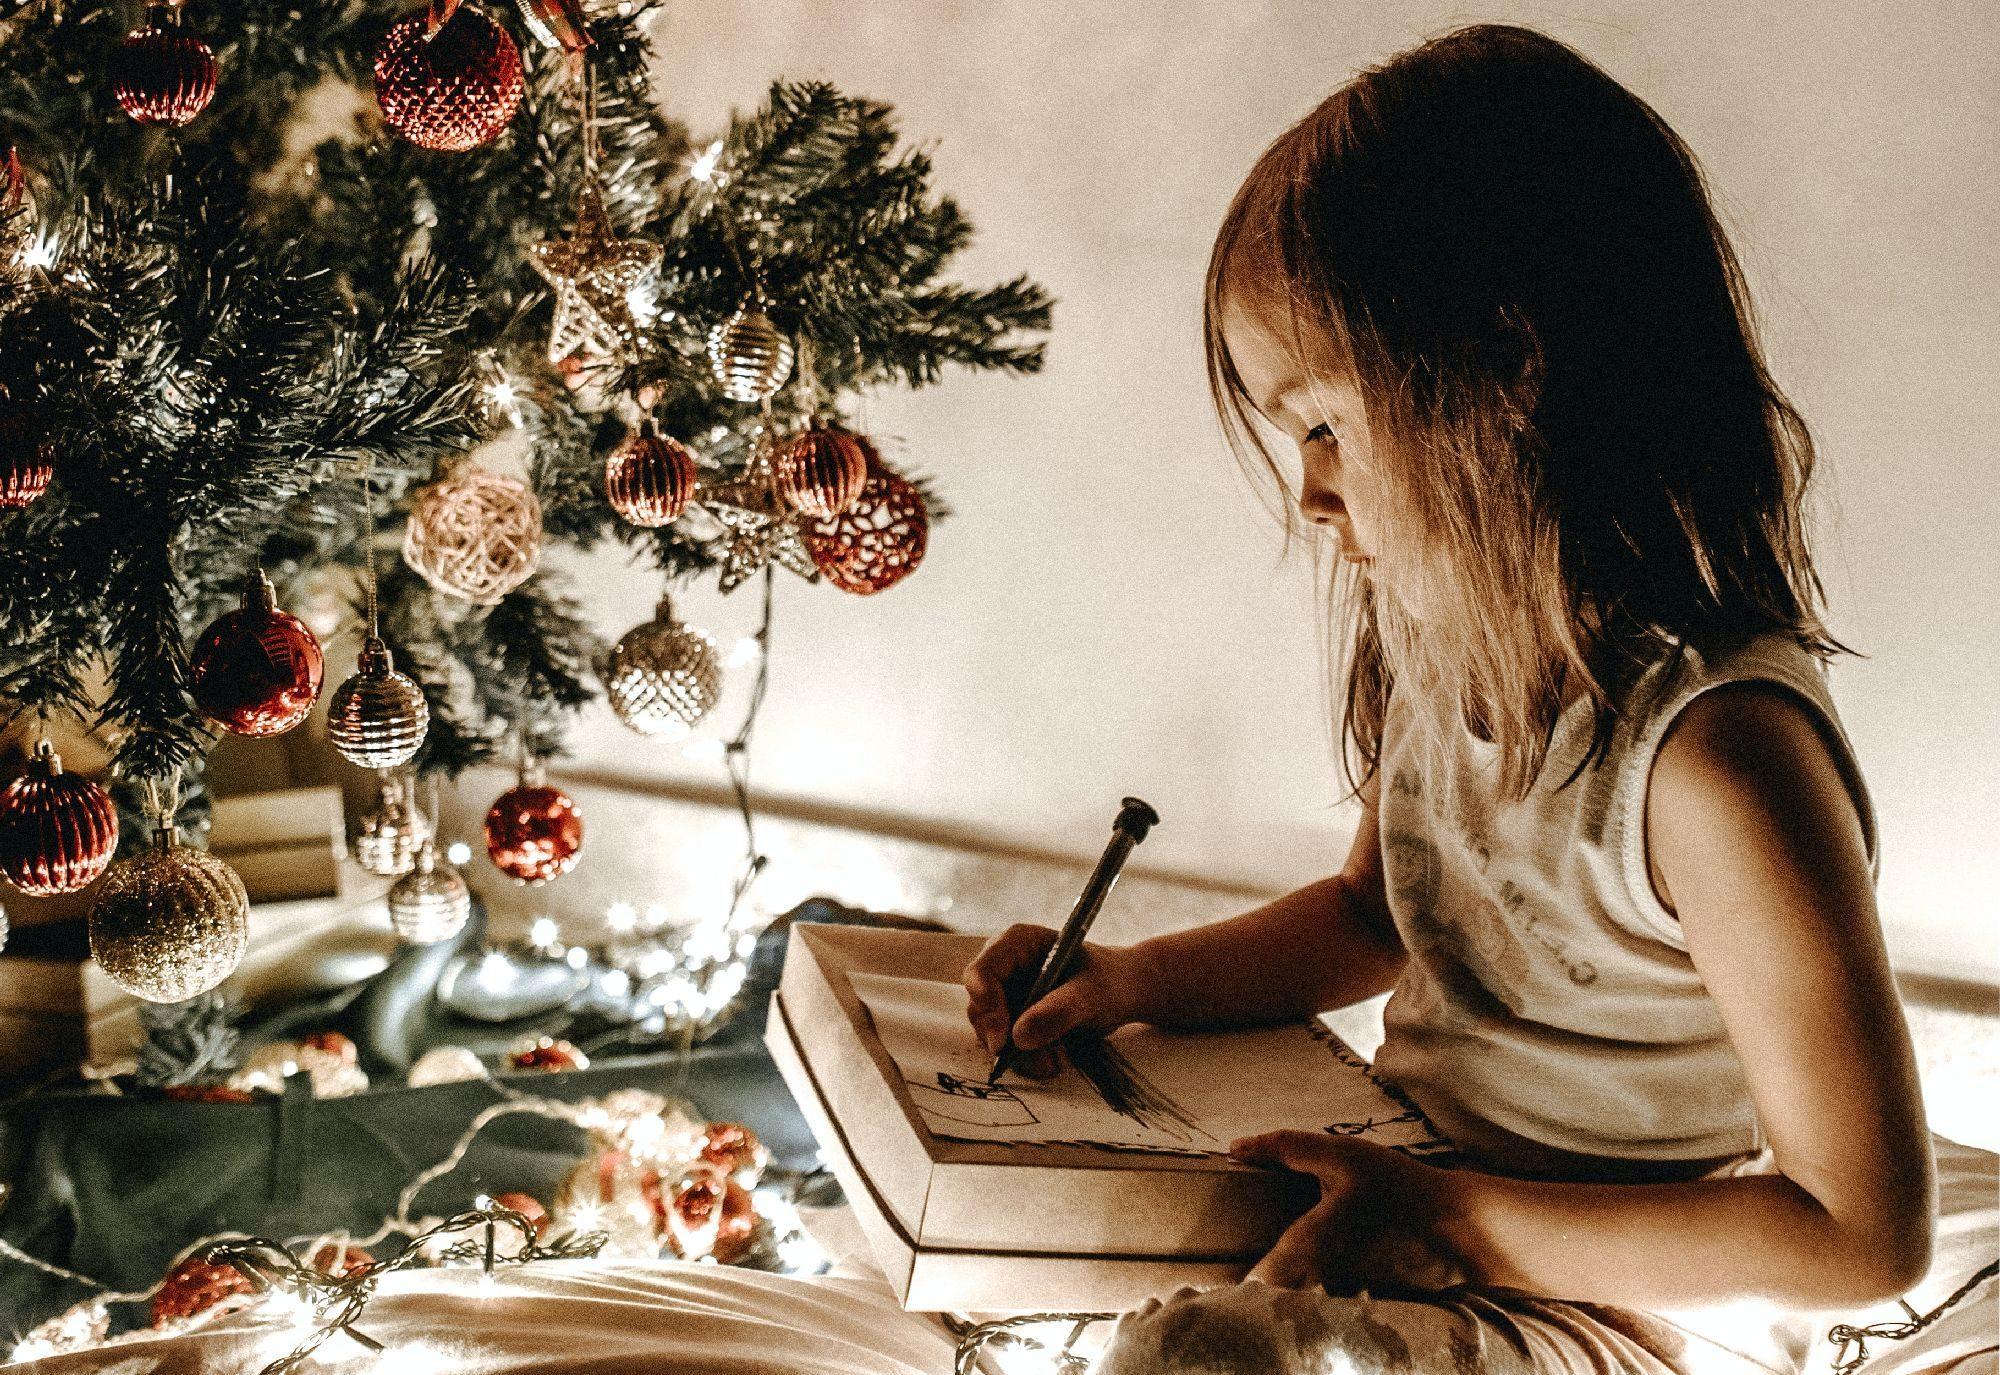 Vánoční bojovku vytvořila spisovatelka, bloggerka, bývalá učitelka valternativní základní škole a máma tří dětí Barbora Bečvářová. FOTO: Jonathan Borba